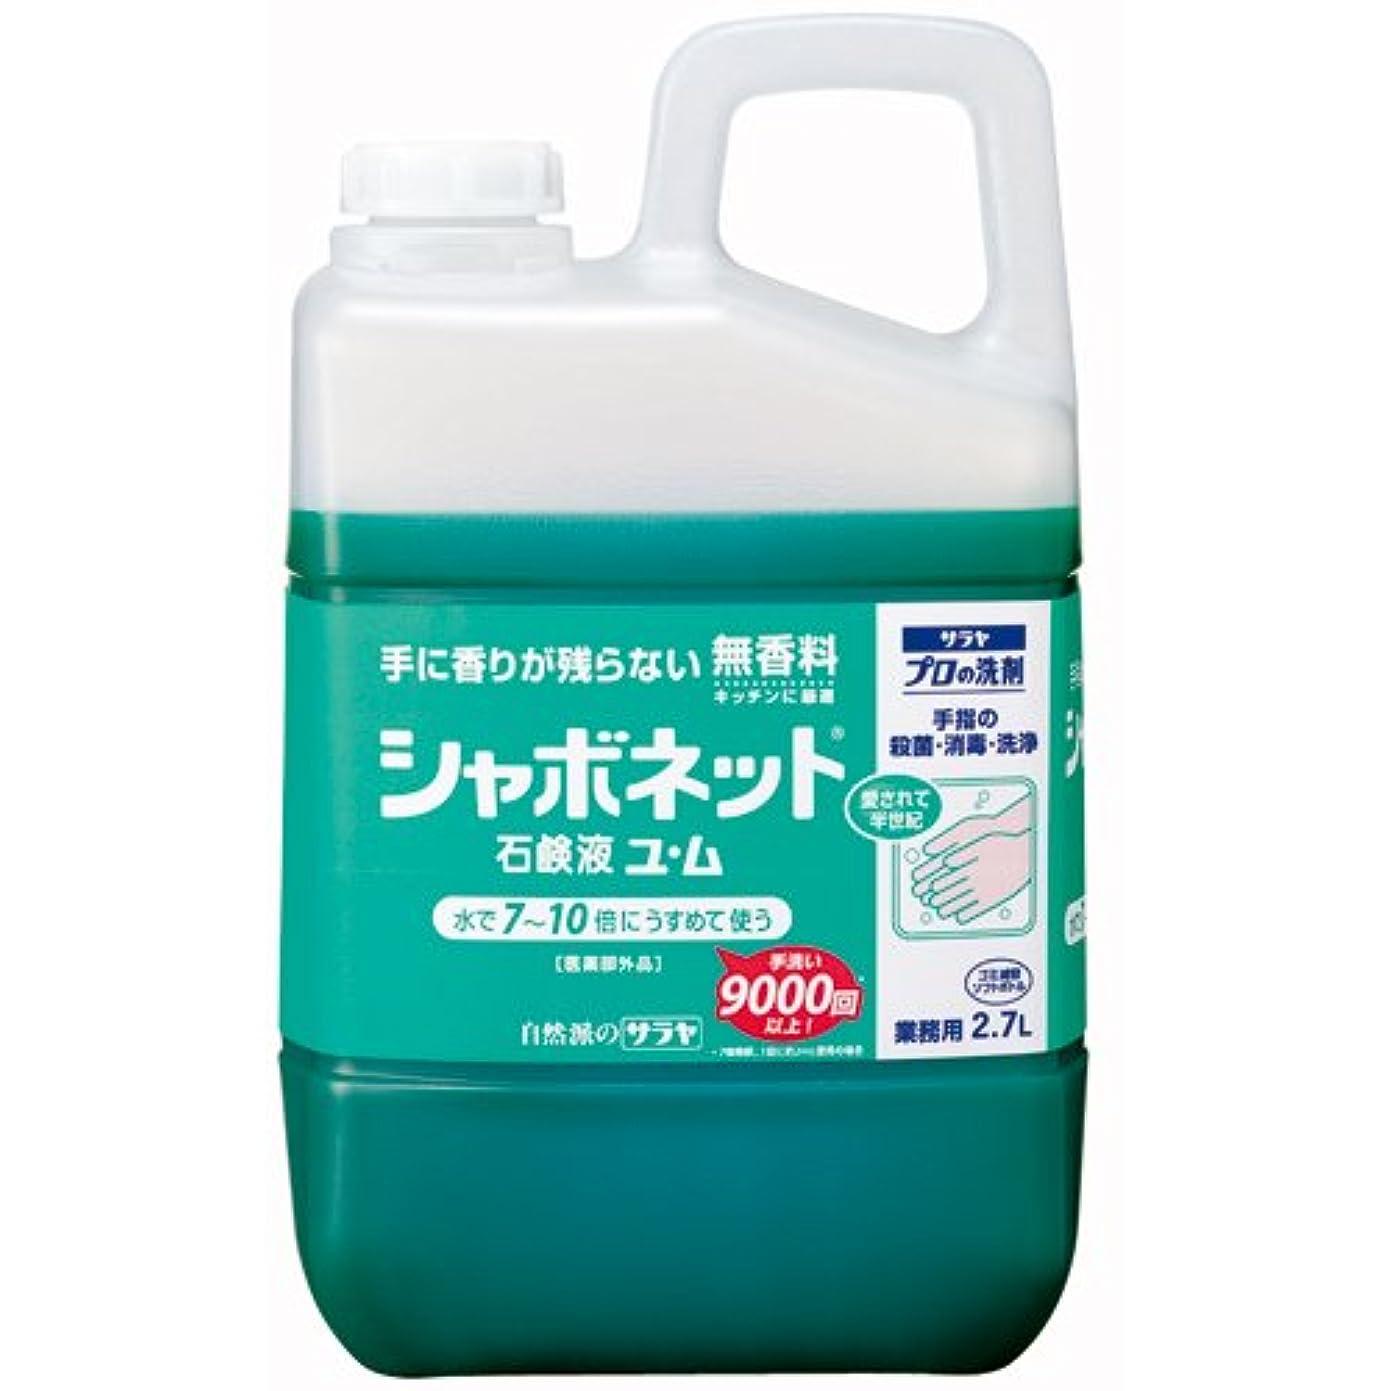 スポーツマン二年生興奮するサラヤ シャボネット石鹸液 ユ?ム 無香料 業務用 2.7L